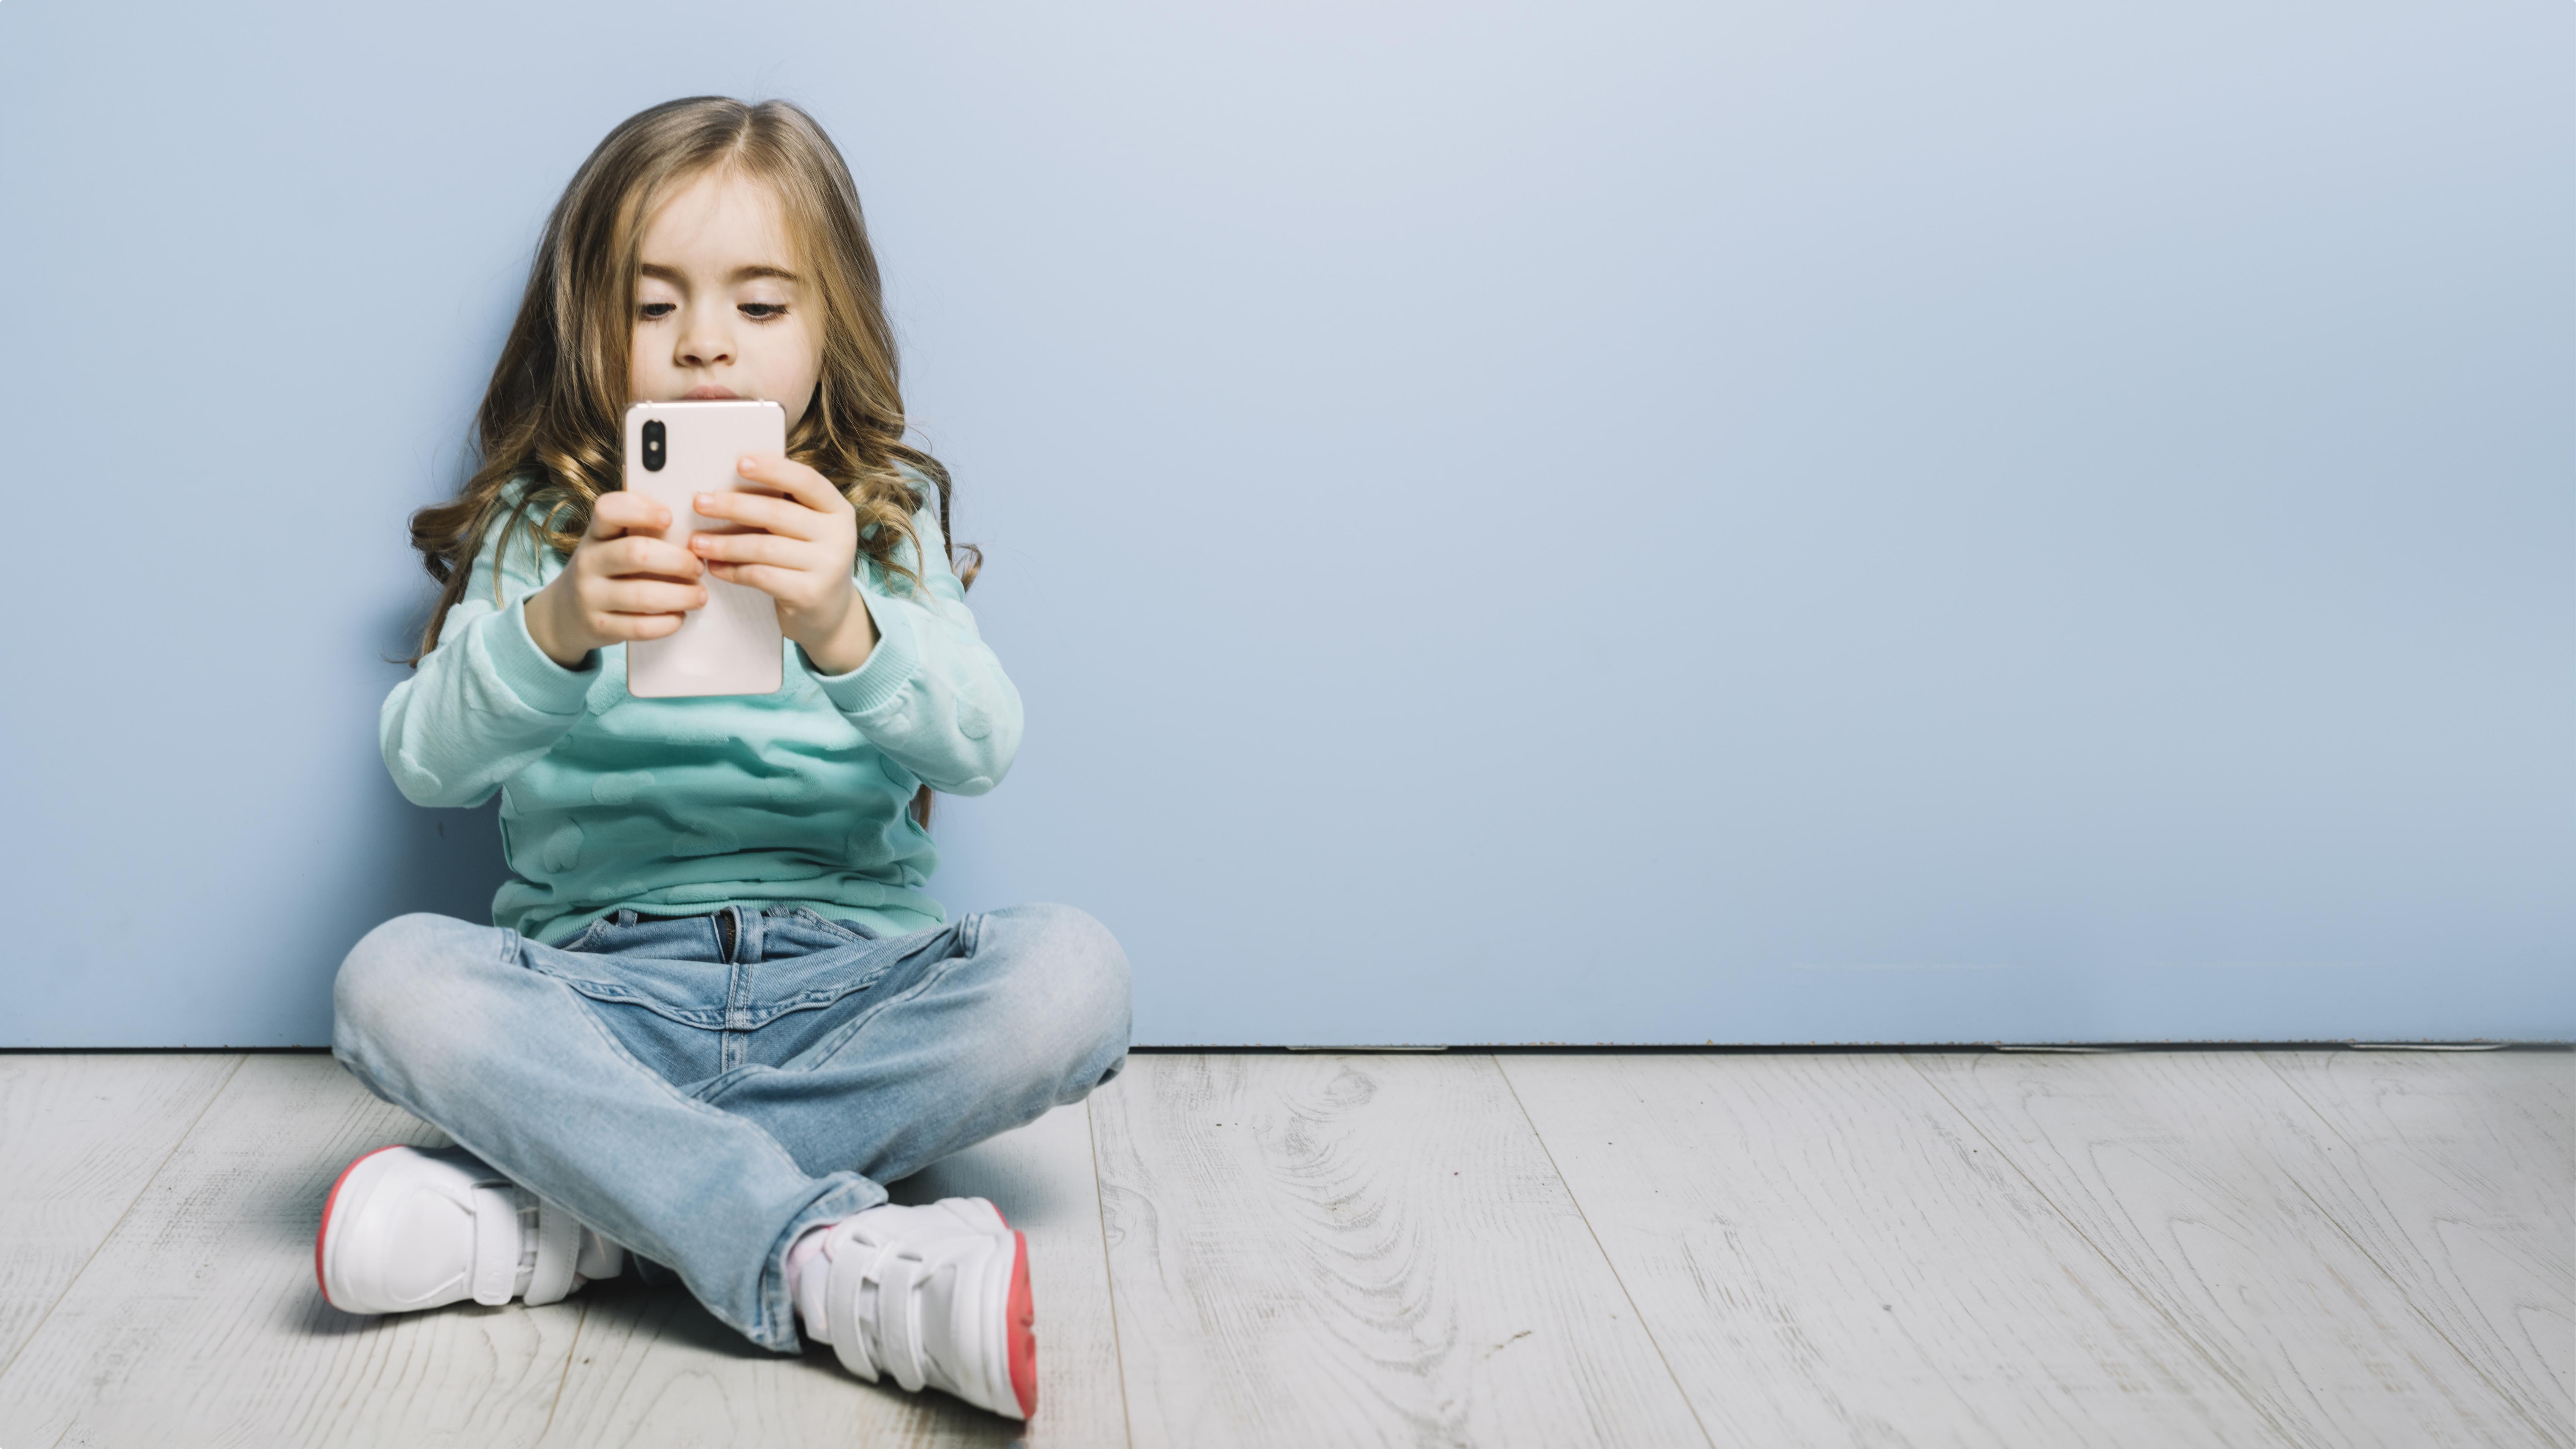 celular criança olho bebe telas exposição